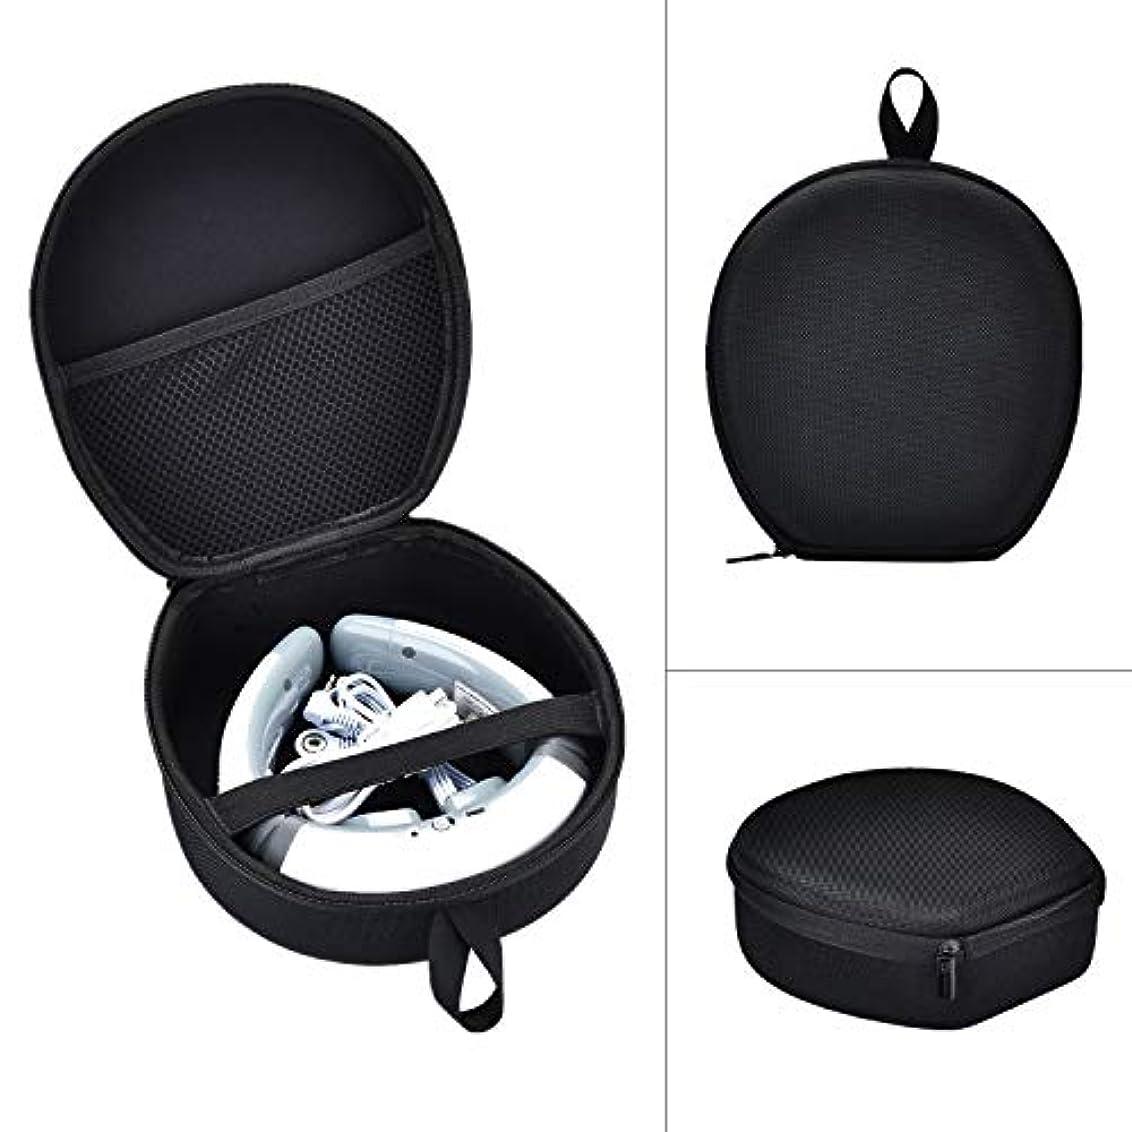 に関してカメラ電圧首マッサージャー 収納ケースFor SQIAO ネックマッサージャー マッサージ 保護ボックス (ブラック)